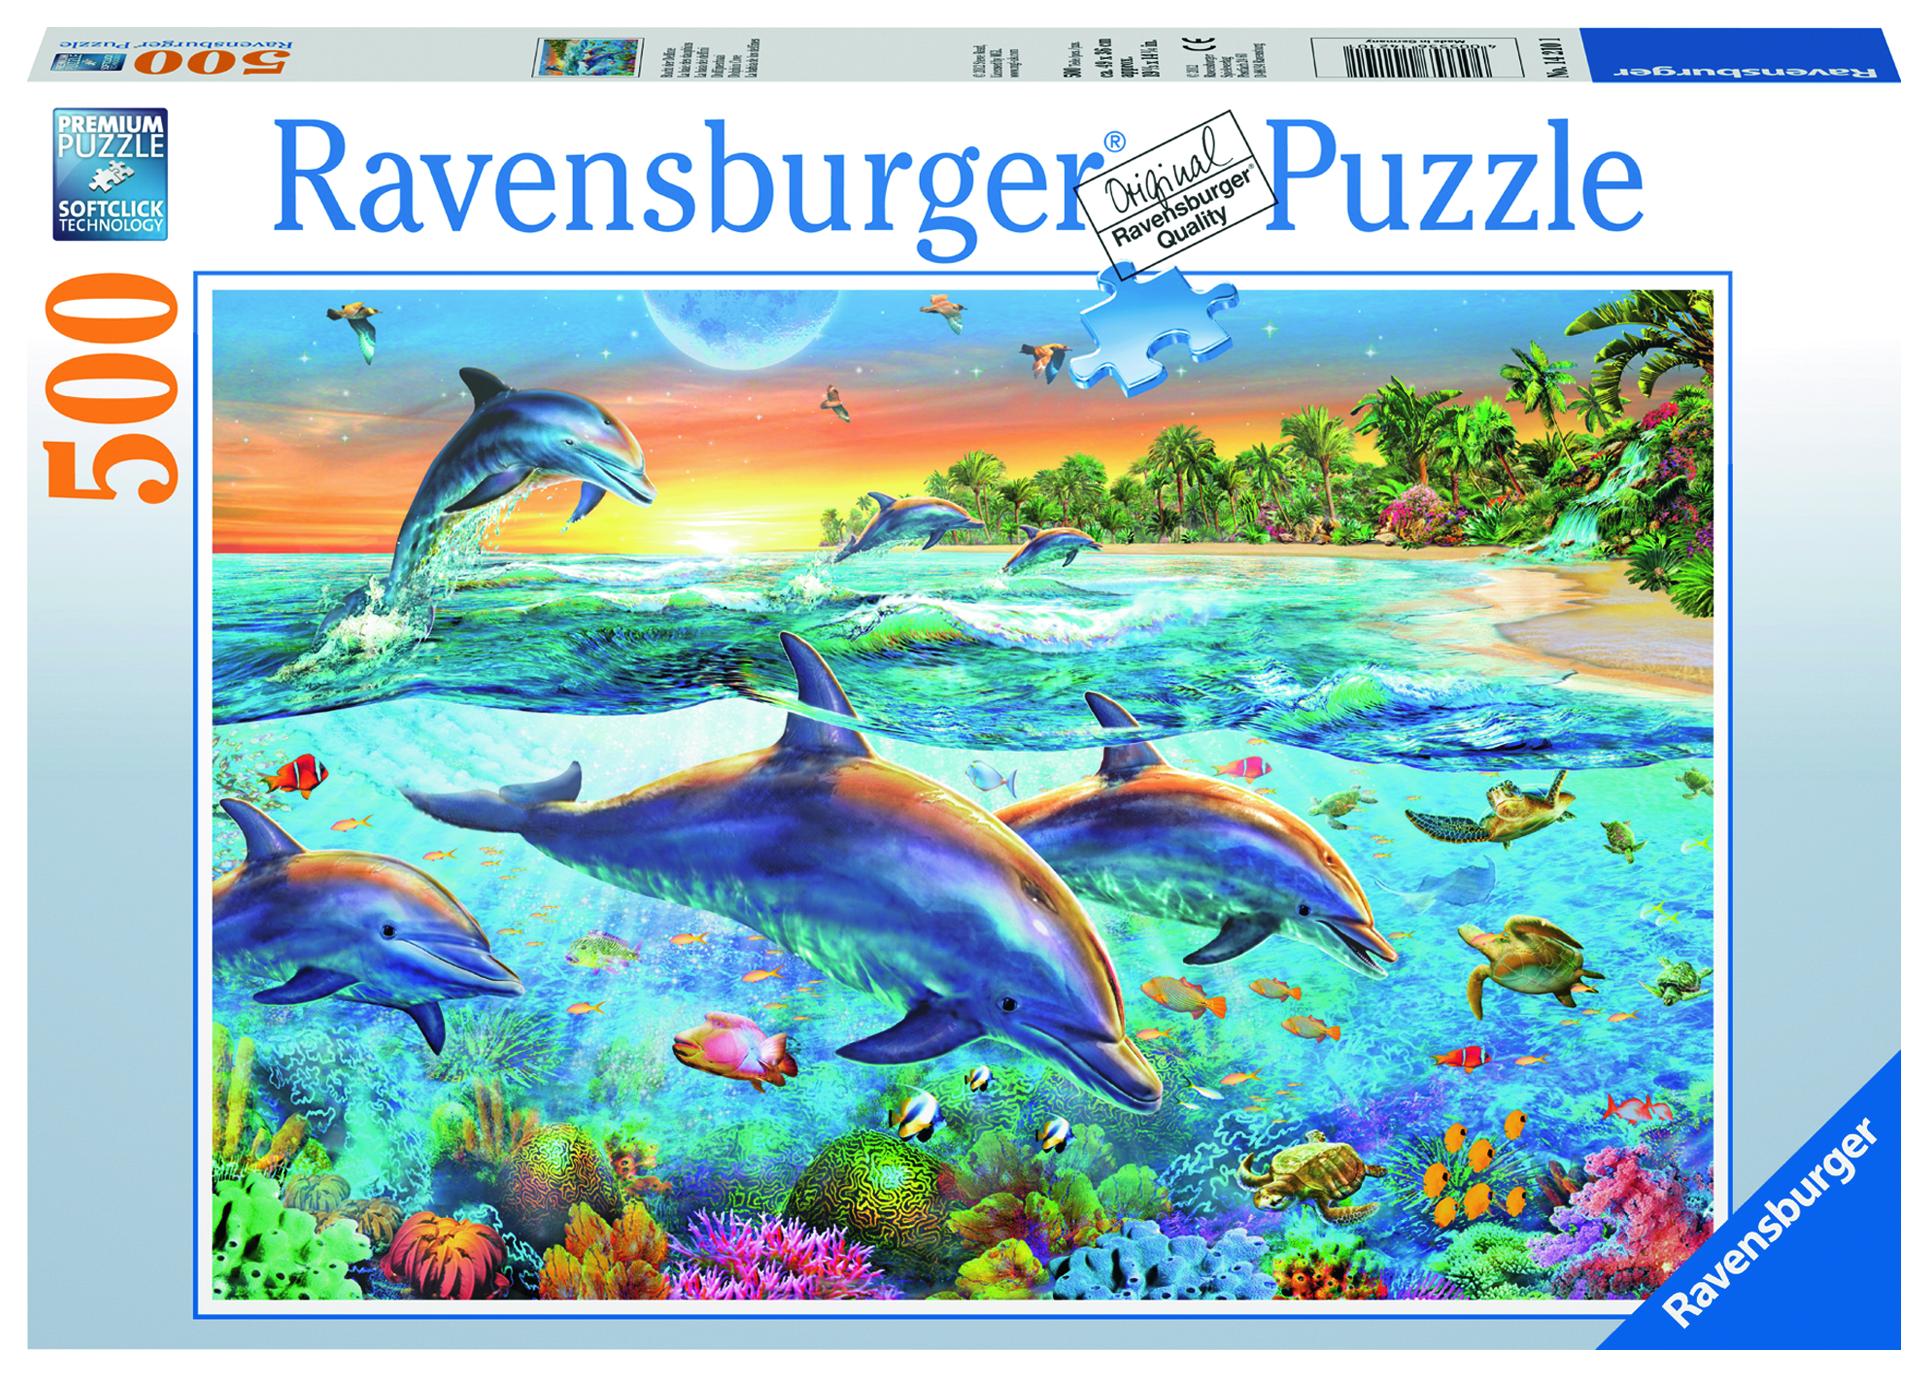 Пазл Ravensburger Бухта дельфинов 500 шт арт.14210 ravensburger пазл бухта дельфинов 500 шт